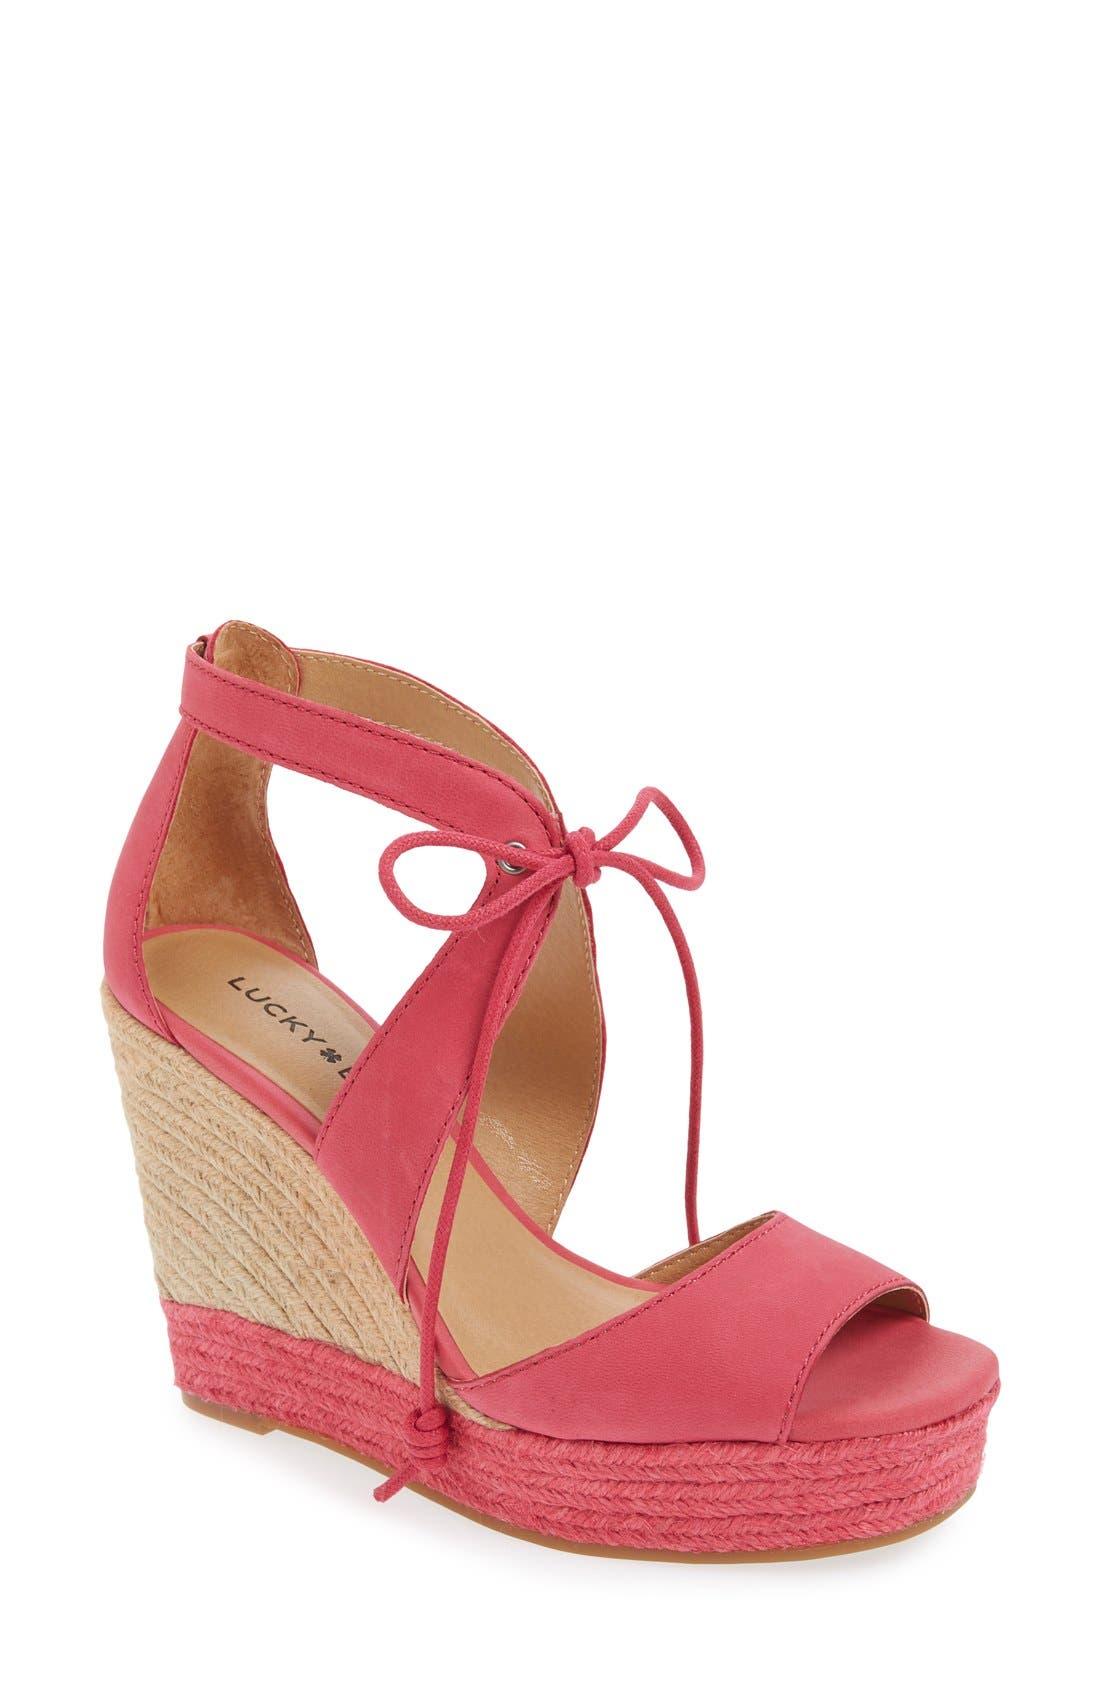 Alternate Image 1 Selected - Lucky Brand 'Listalia' Sandal (Women)